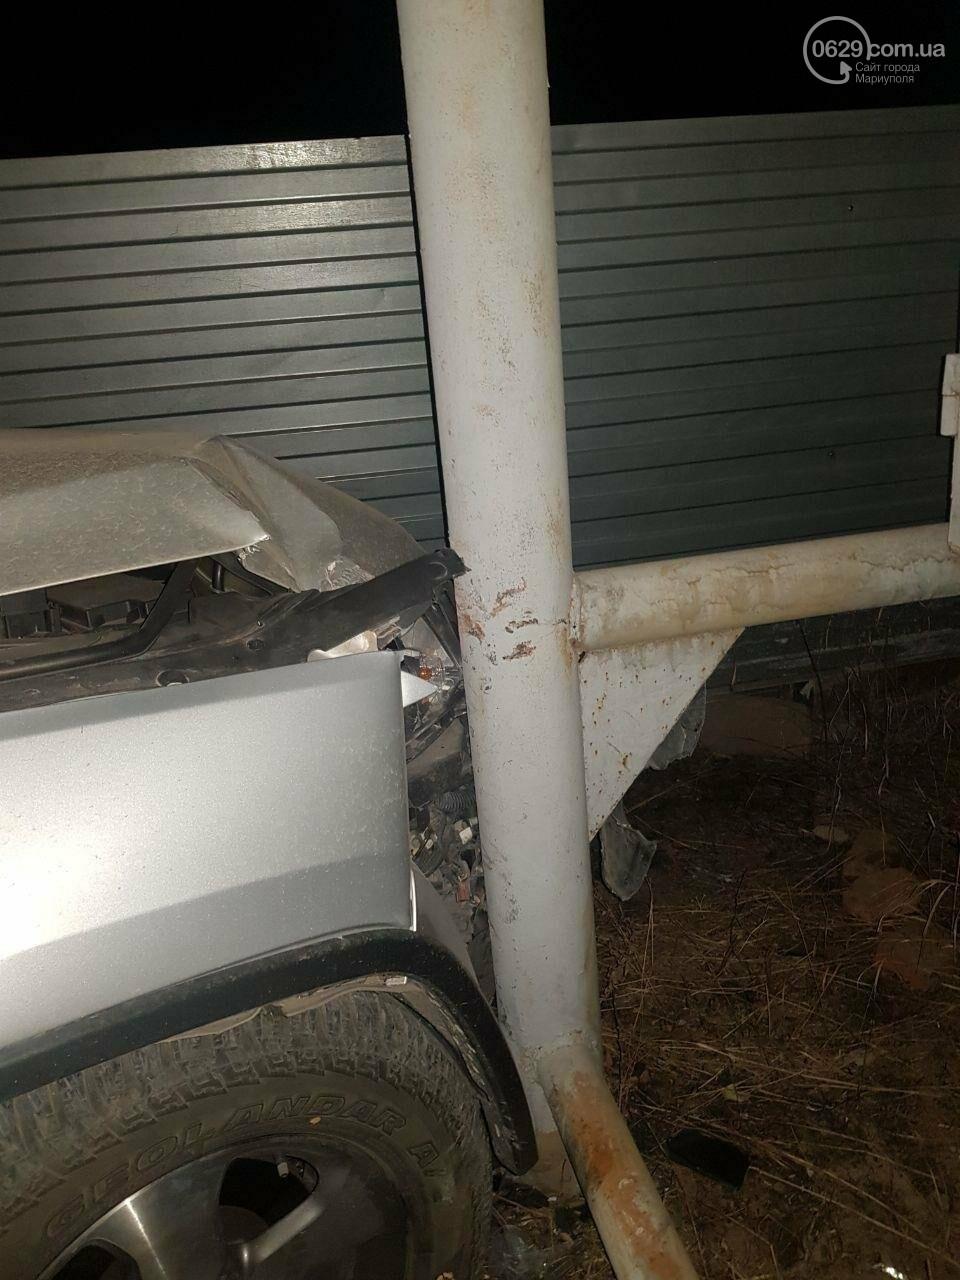 В Мариуполе Jeep врезался в электроподстанцию, - ФОТО, фото-1